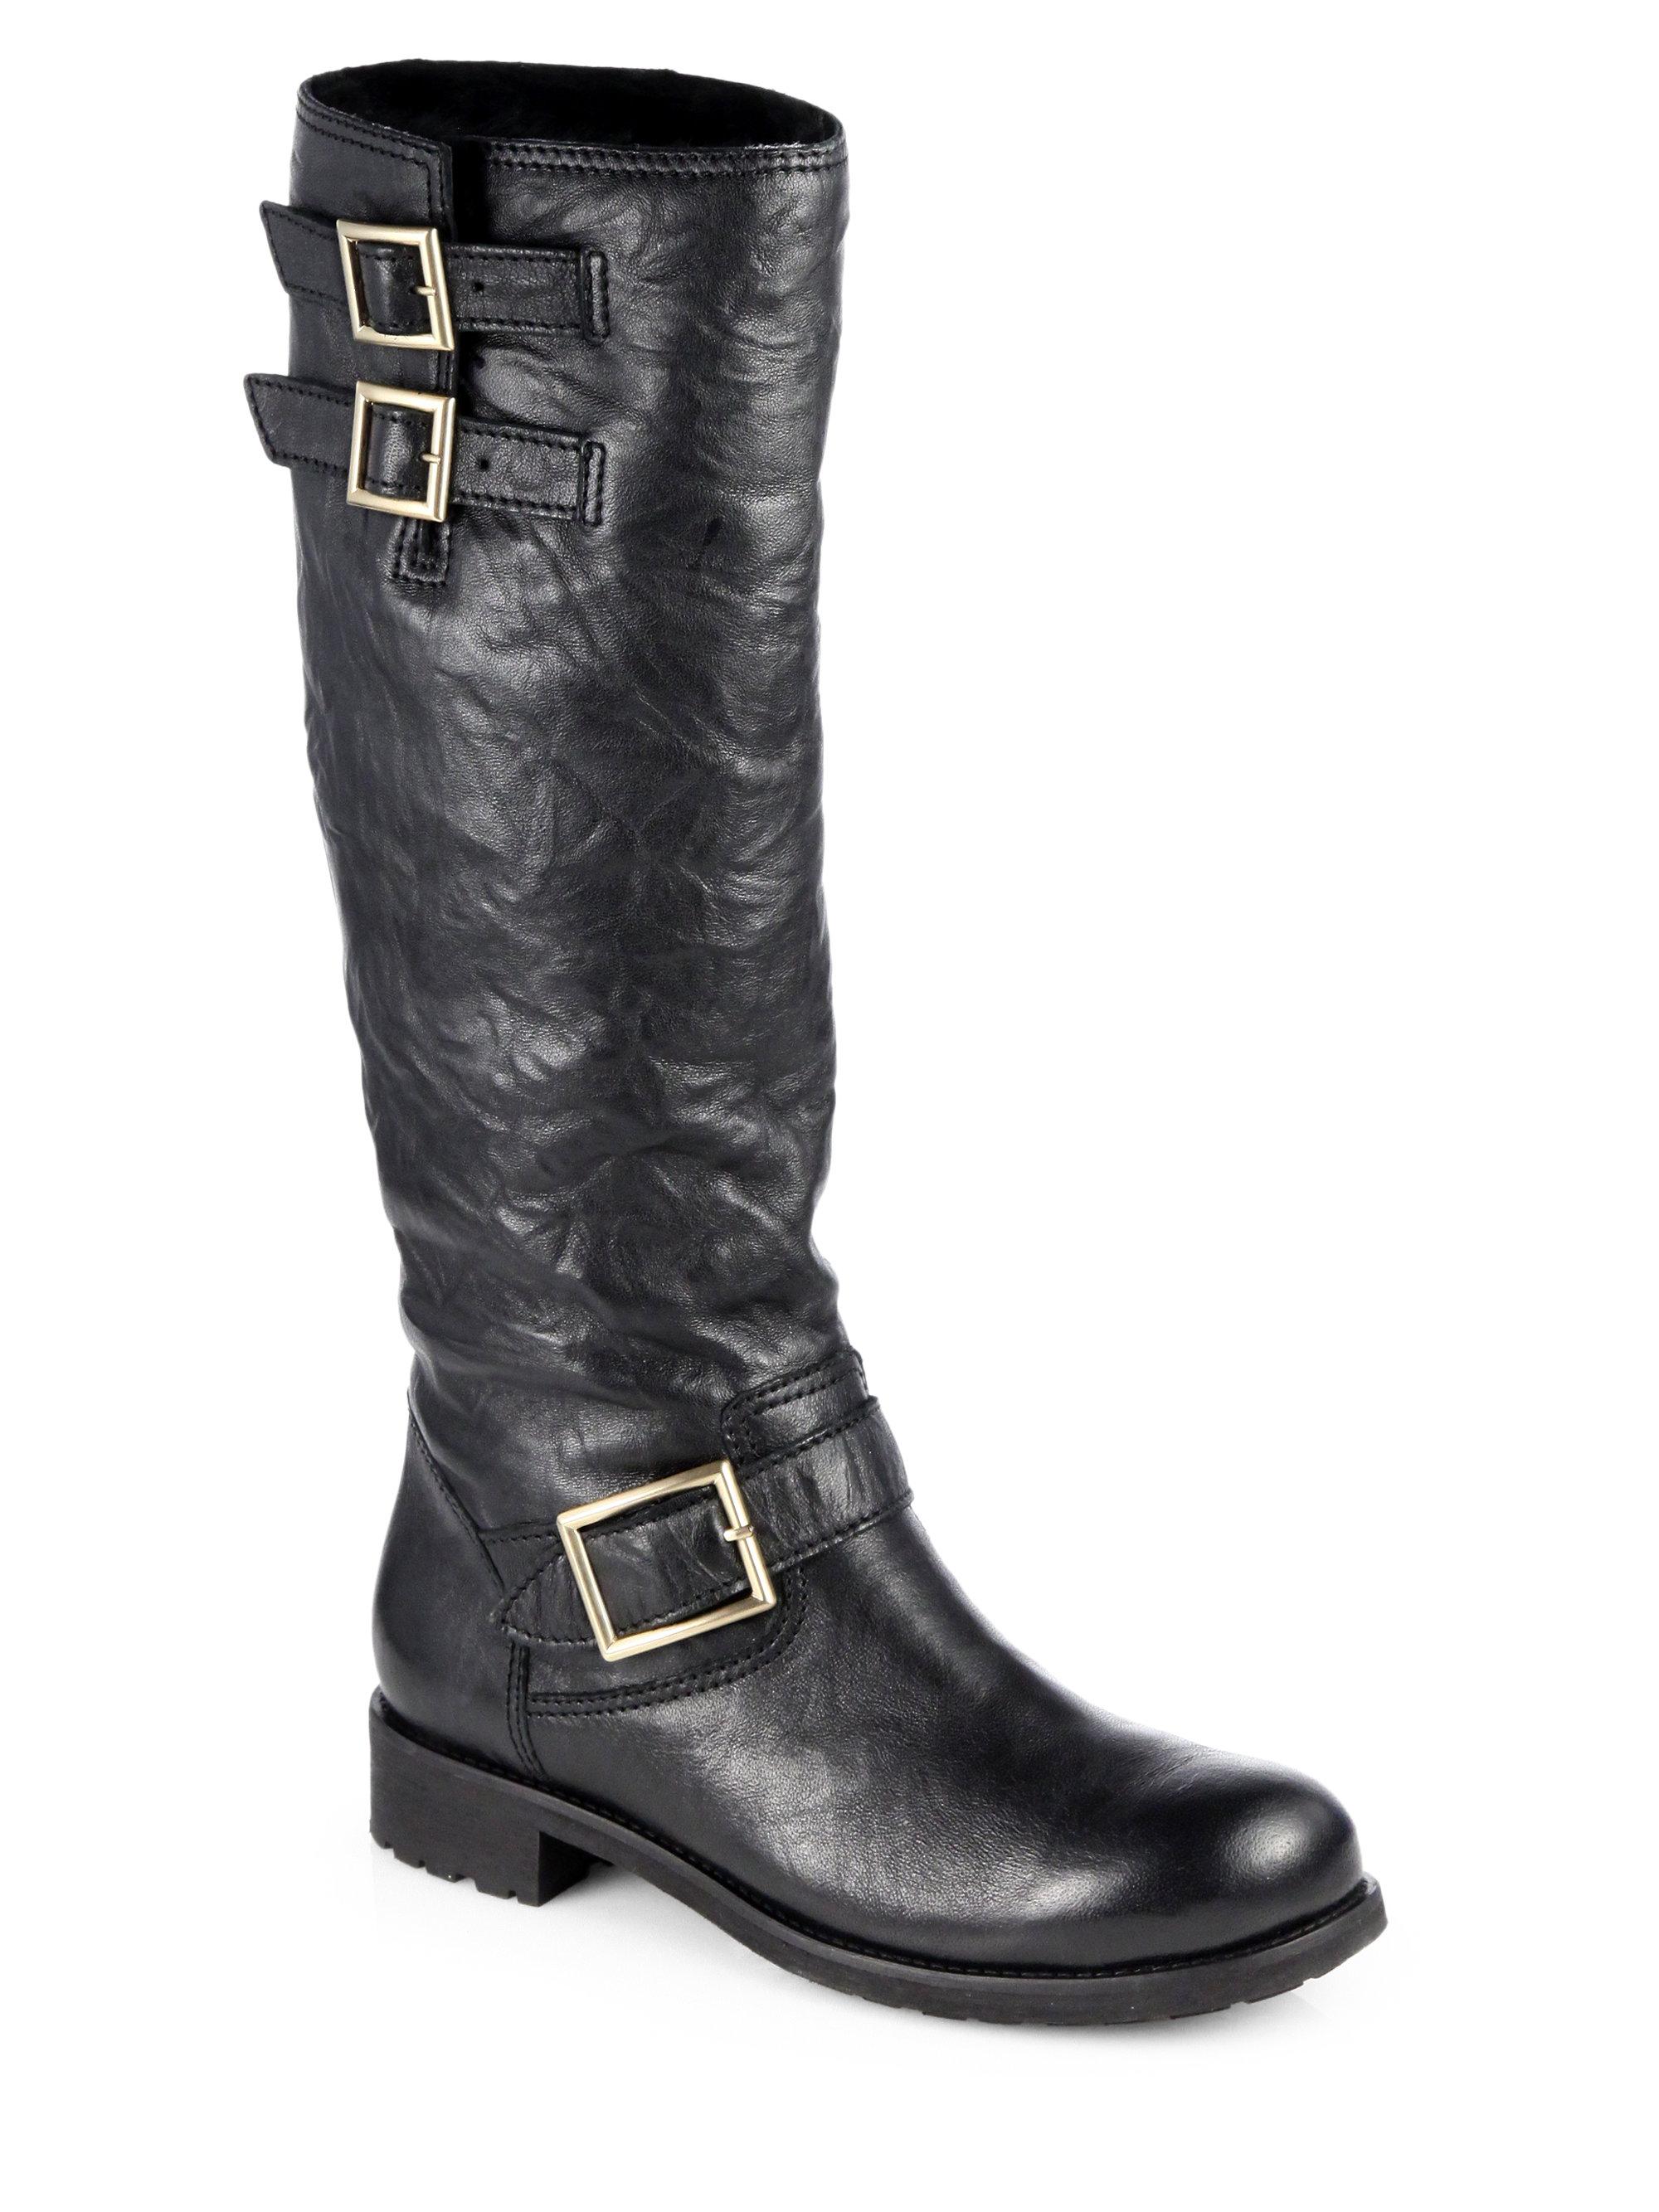 4e18b119f781 Lyst - Jimmy Choo Yule Leather Furlined Motorcycle Boots in Black